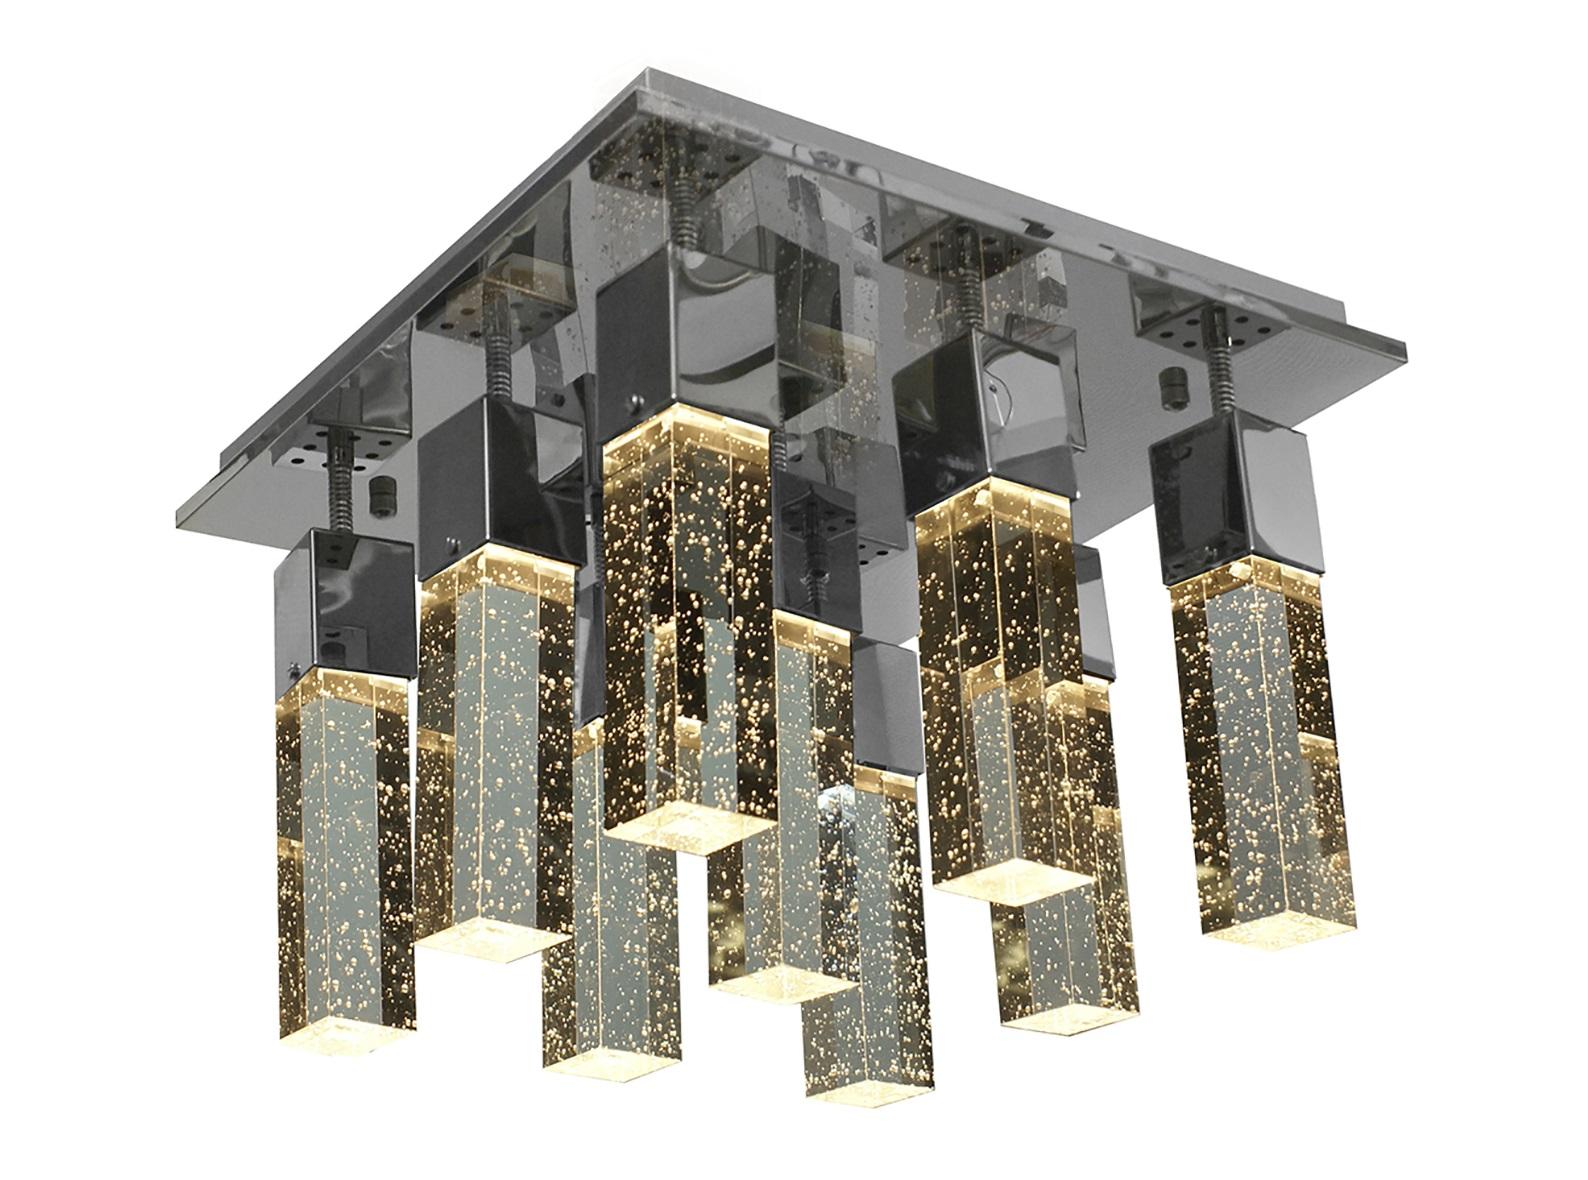 Светильник АкваПотолочные светильники<br>&amp;lt;div&amp;gt;Вид цоколя: LED&amp;lt;/div&amp;gt;&amp;lt;div&amp;gt;Мощность:&amp;amp;nbsp; 5W&amp;lt;/div&amp;gt;&amp;lt;div&amp;gt;Количество ламп: 9 (в комплекте)&amp;lt;/div&amp;gt;<br><br>Material: Стекло<br>Ширина см: 42.0<br>Высота см: 29.0<br>Глубина см: 42.0